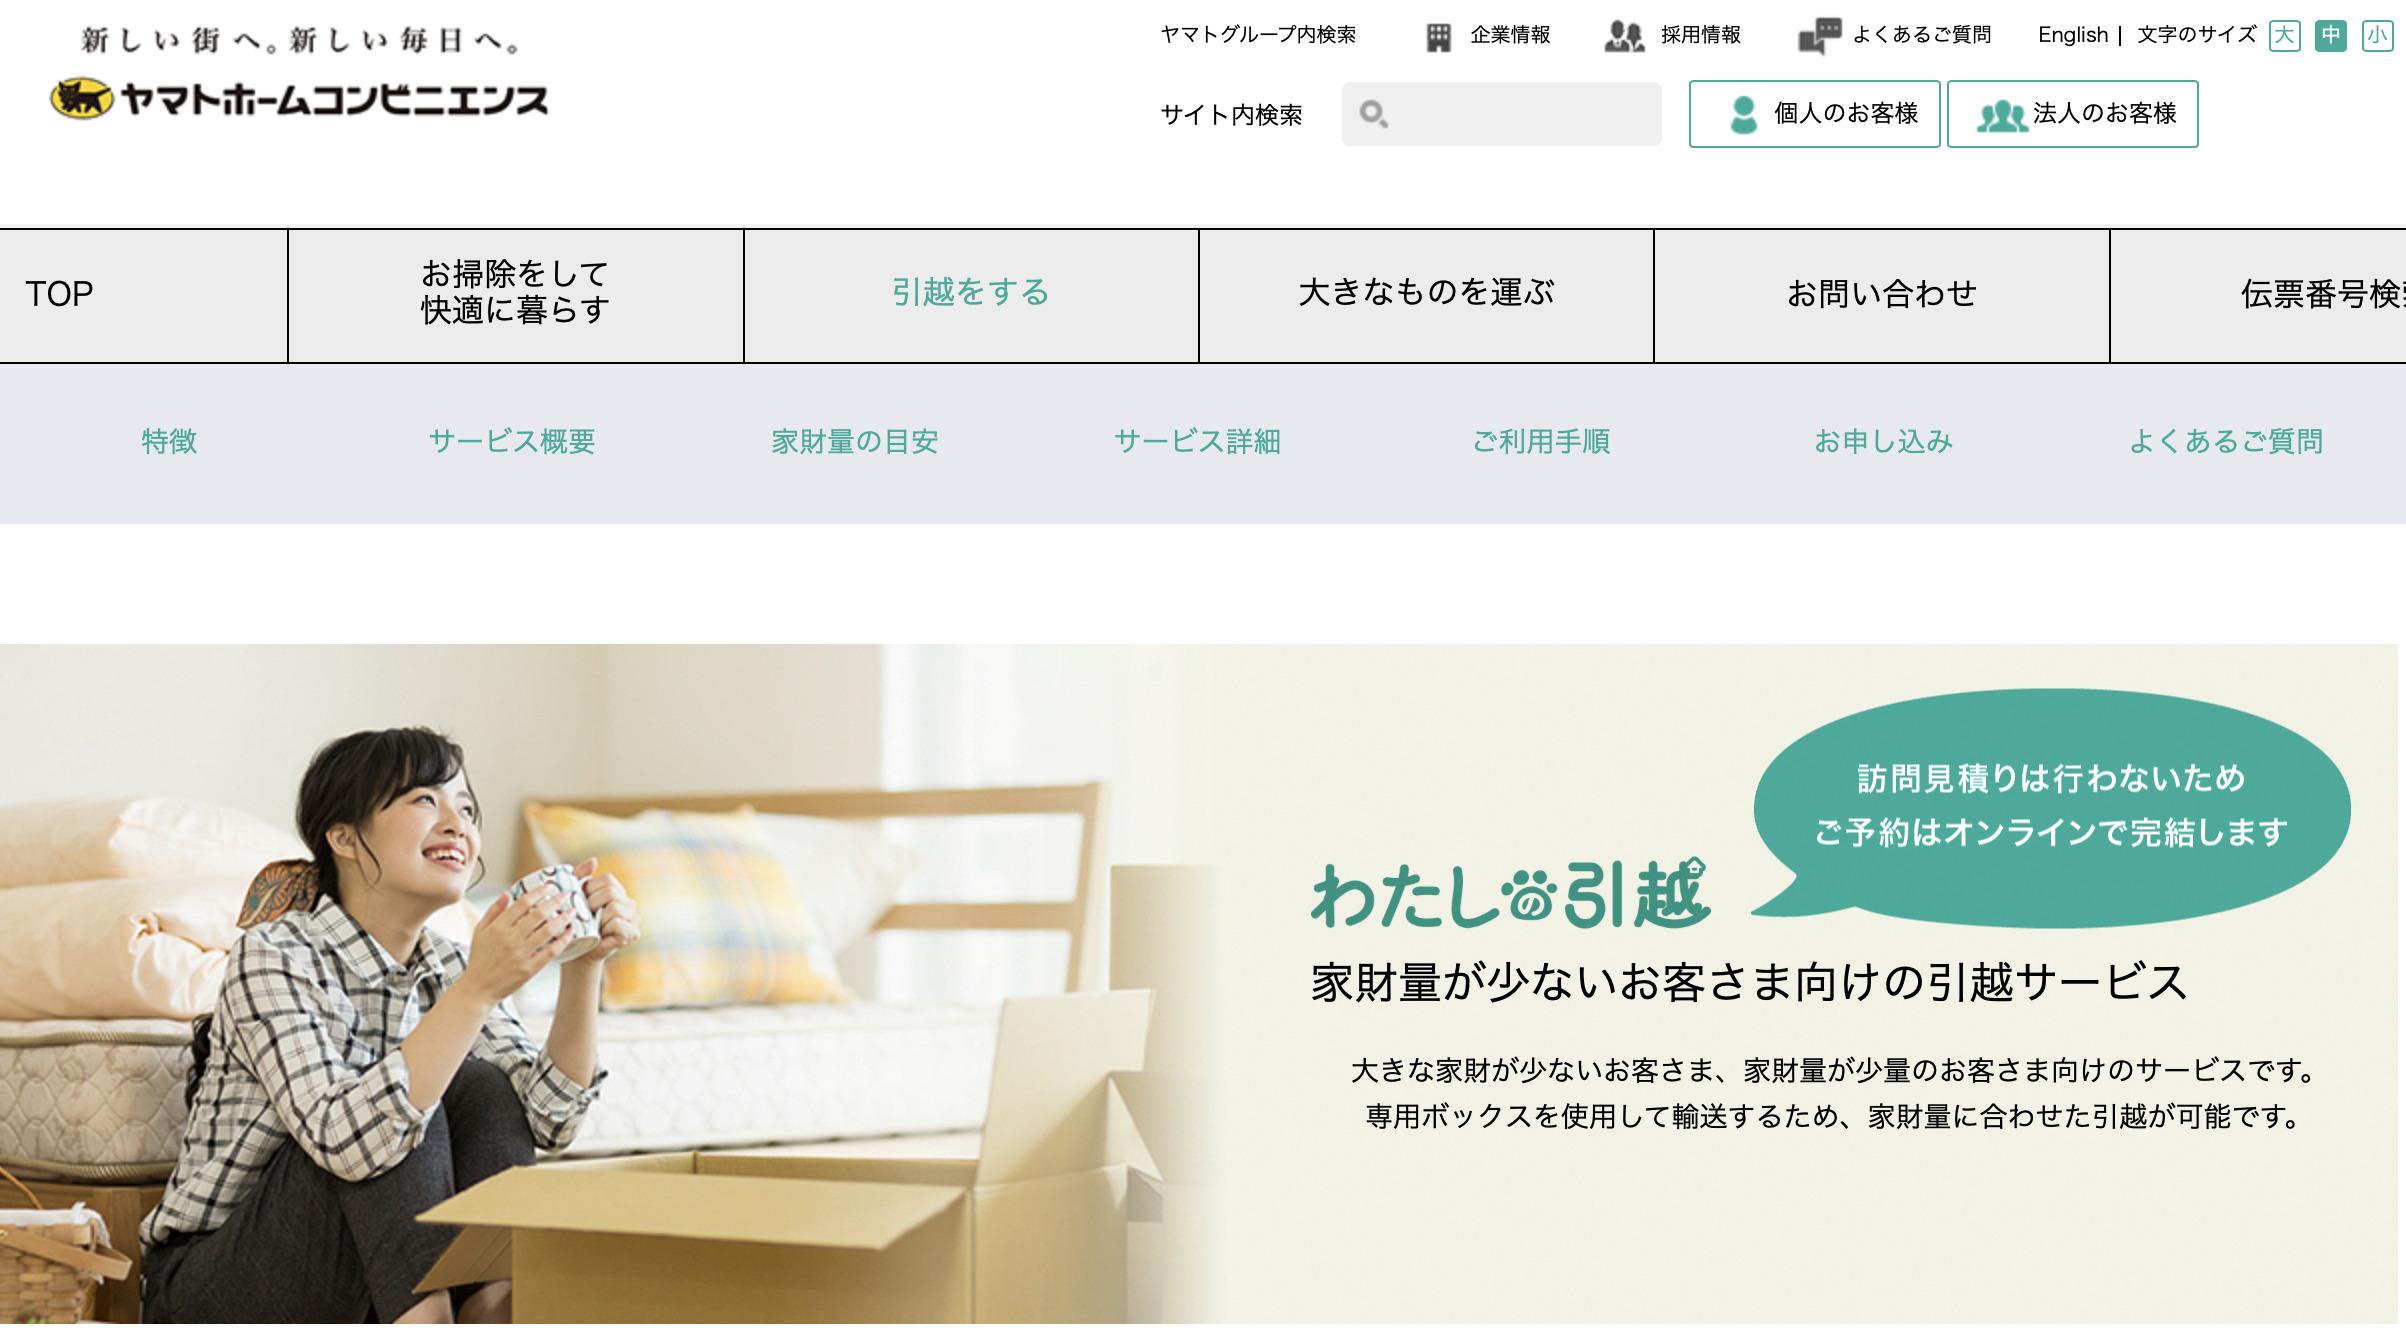 ヤマトホームコンビニエンスのトップページ